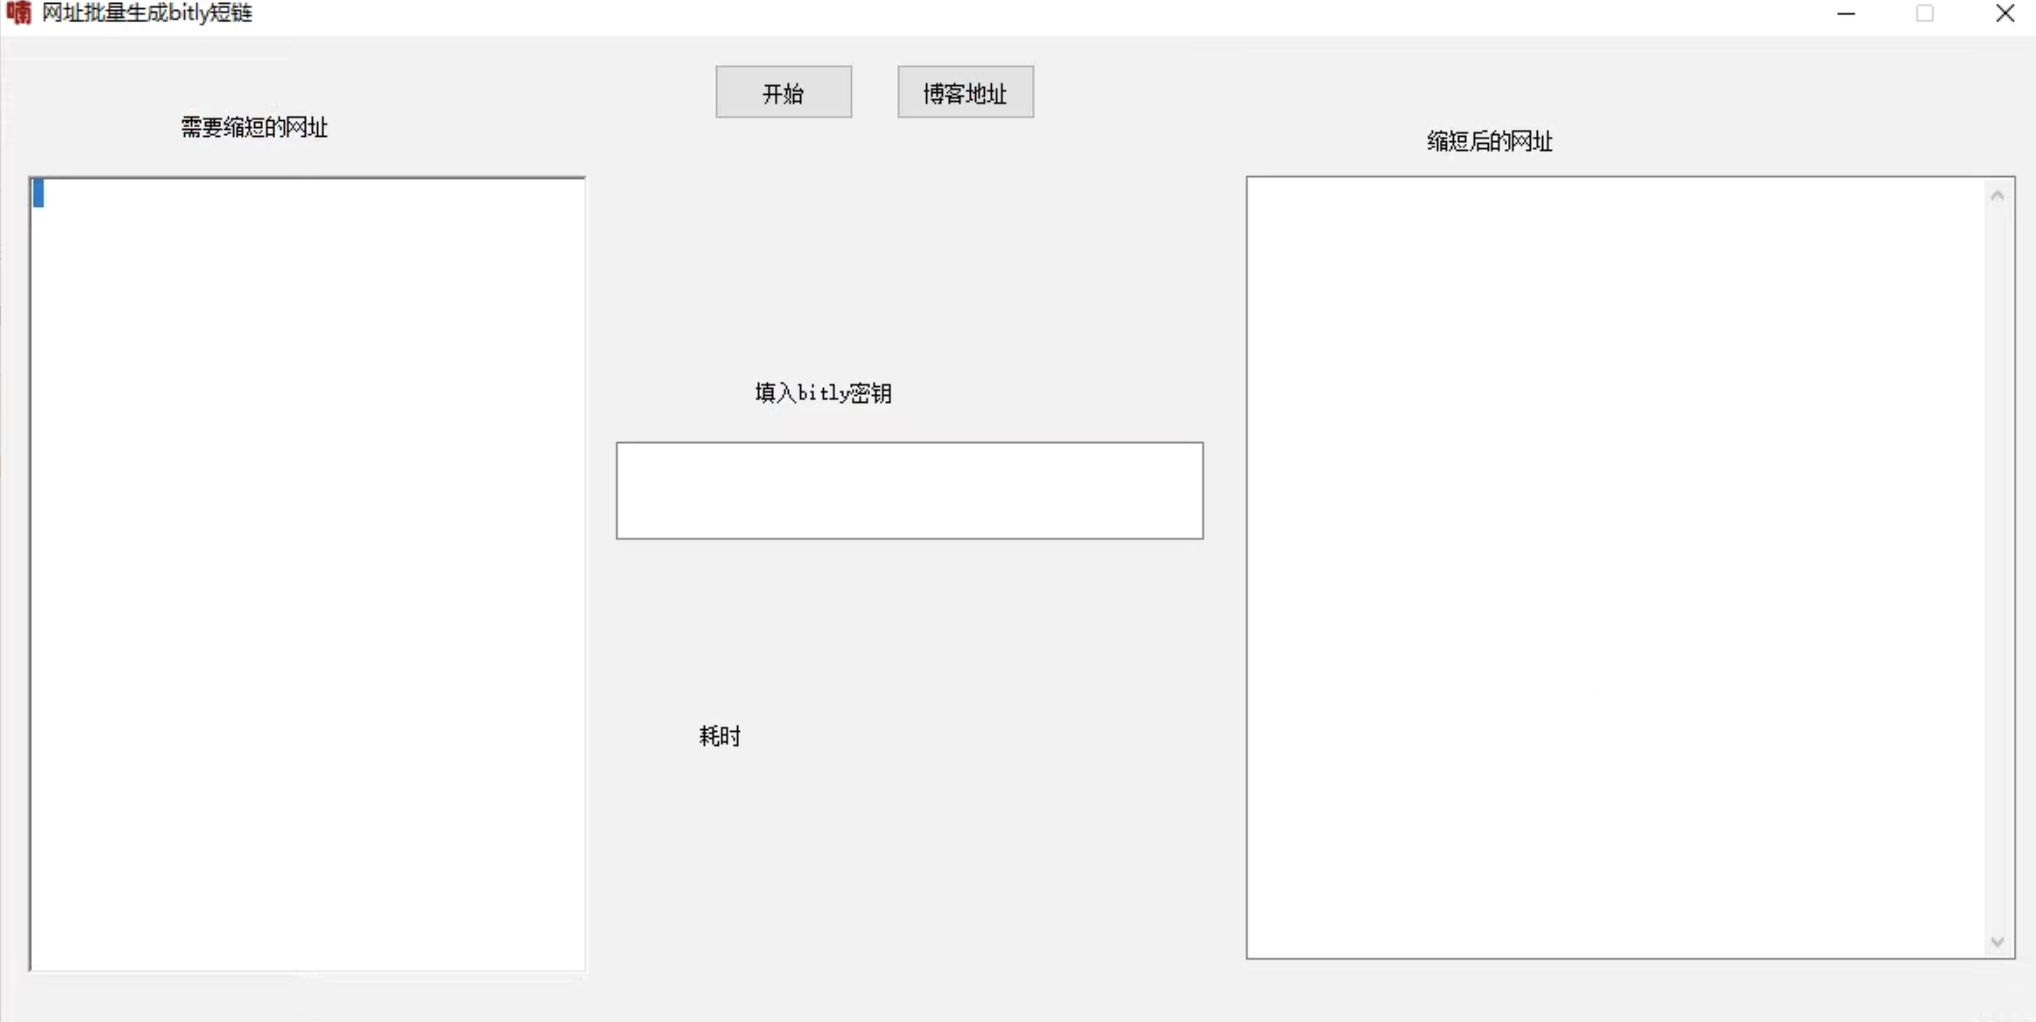 网址批量生成Bitly短链-更新插图